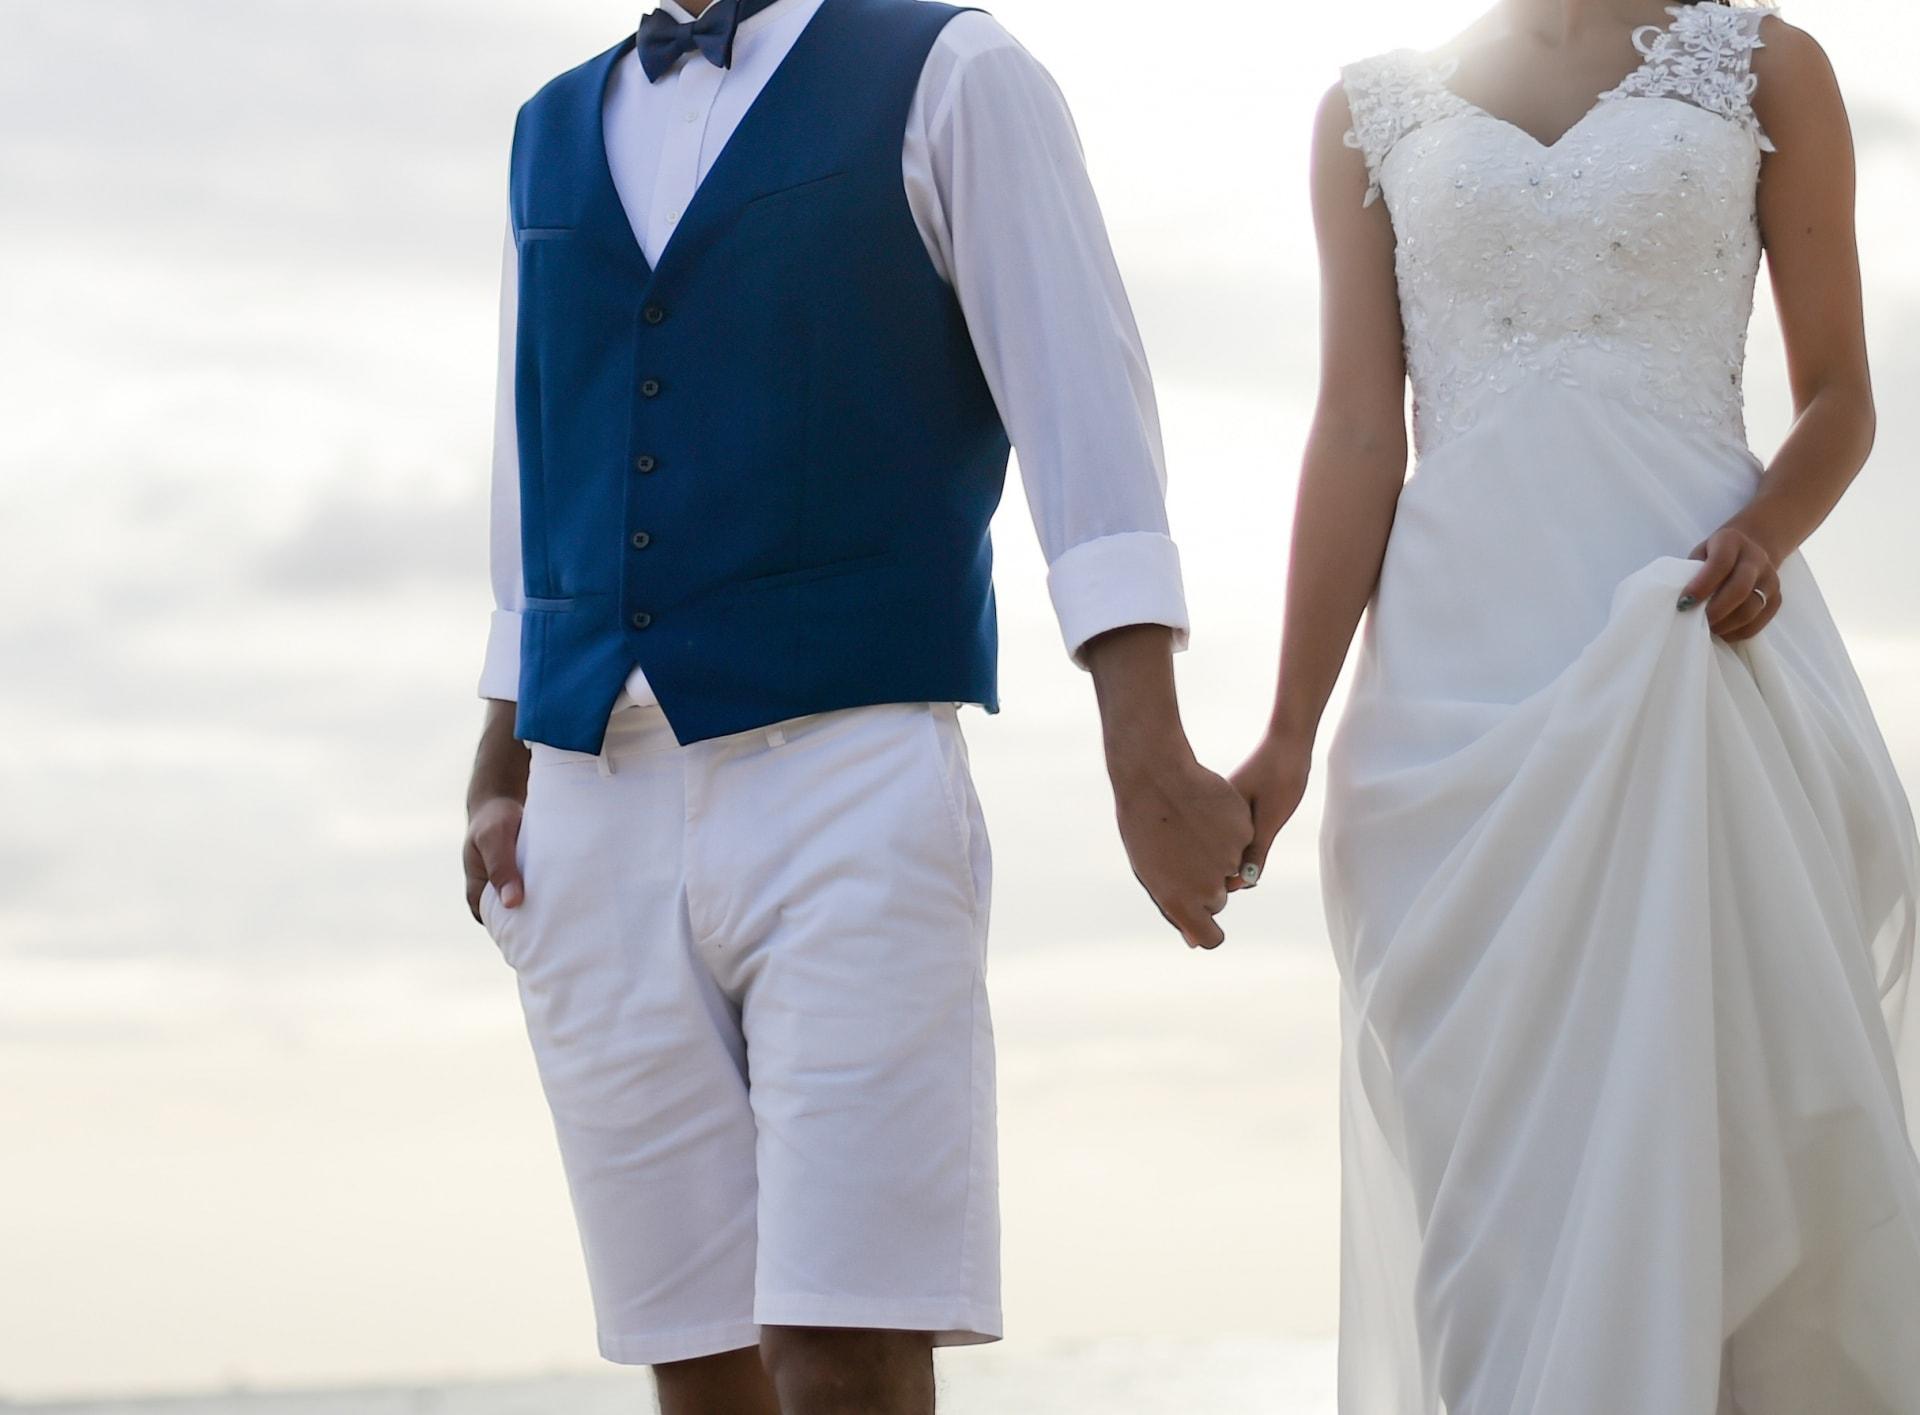 【婚活】婚活の第一歩「婚活を成功させるための準備」